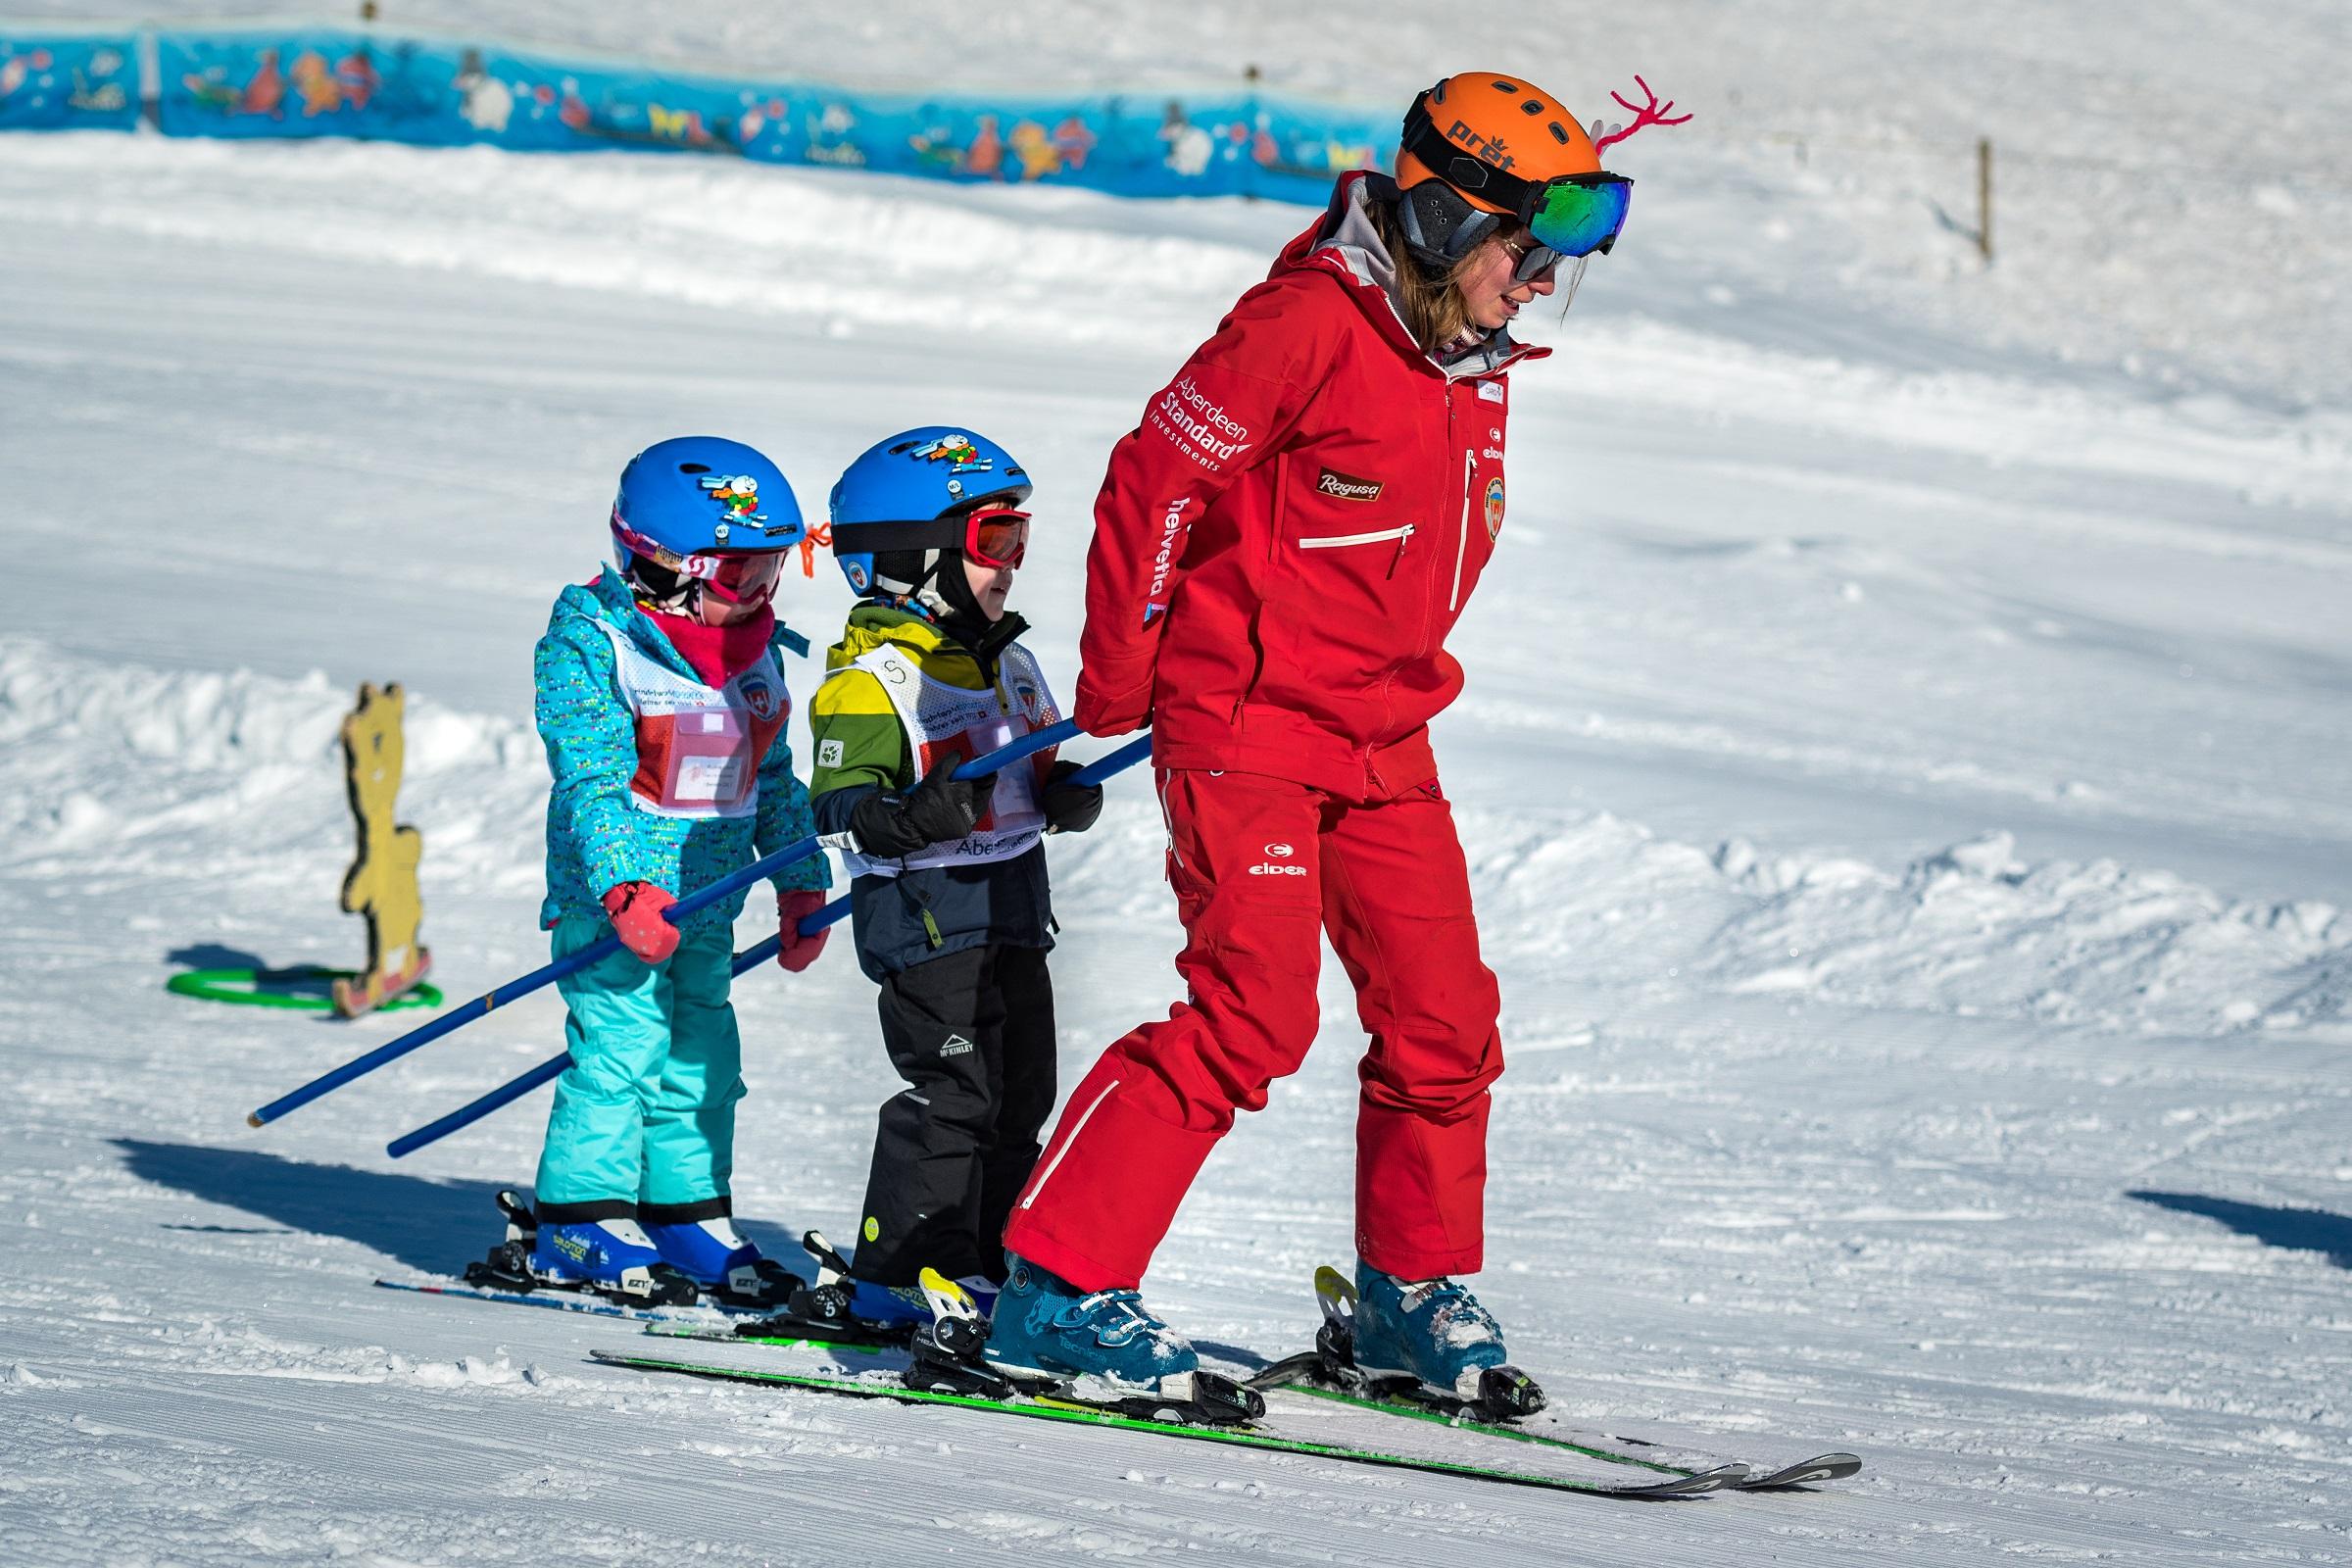 Skischool Swiss Activities